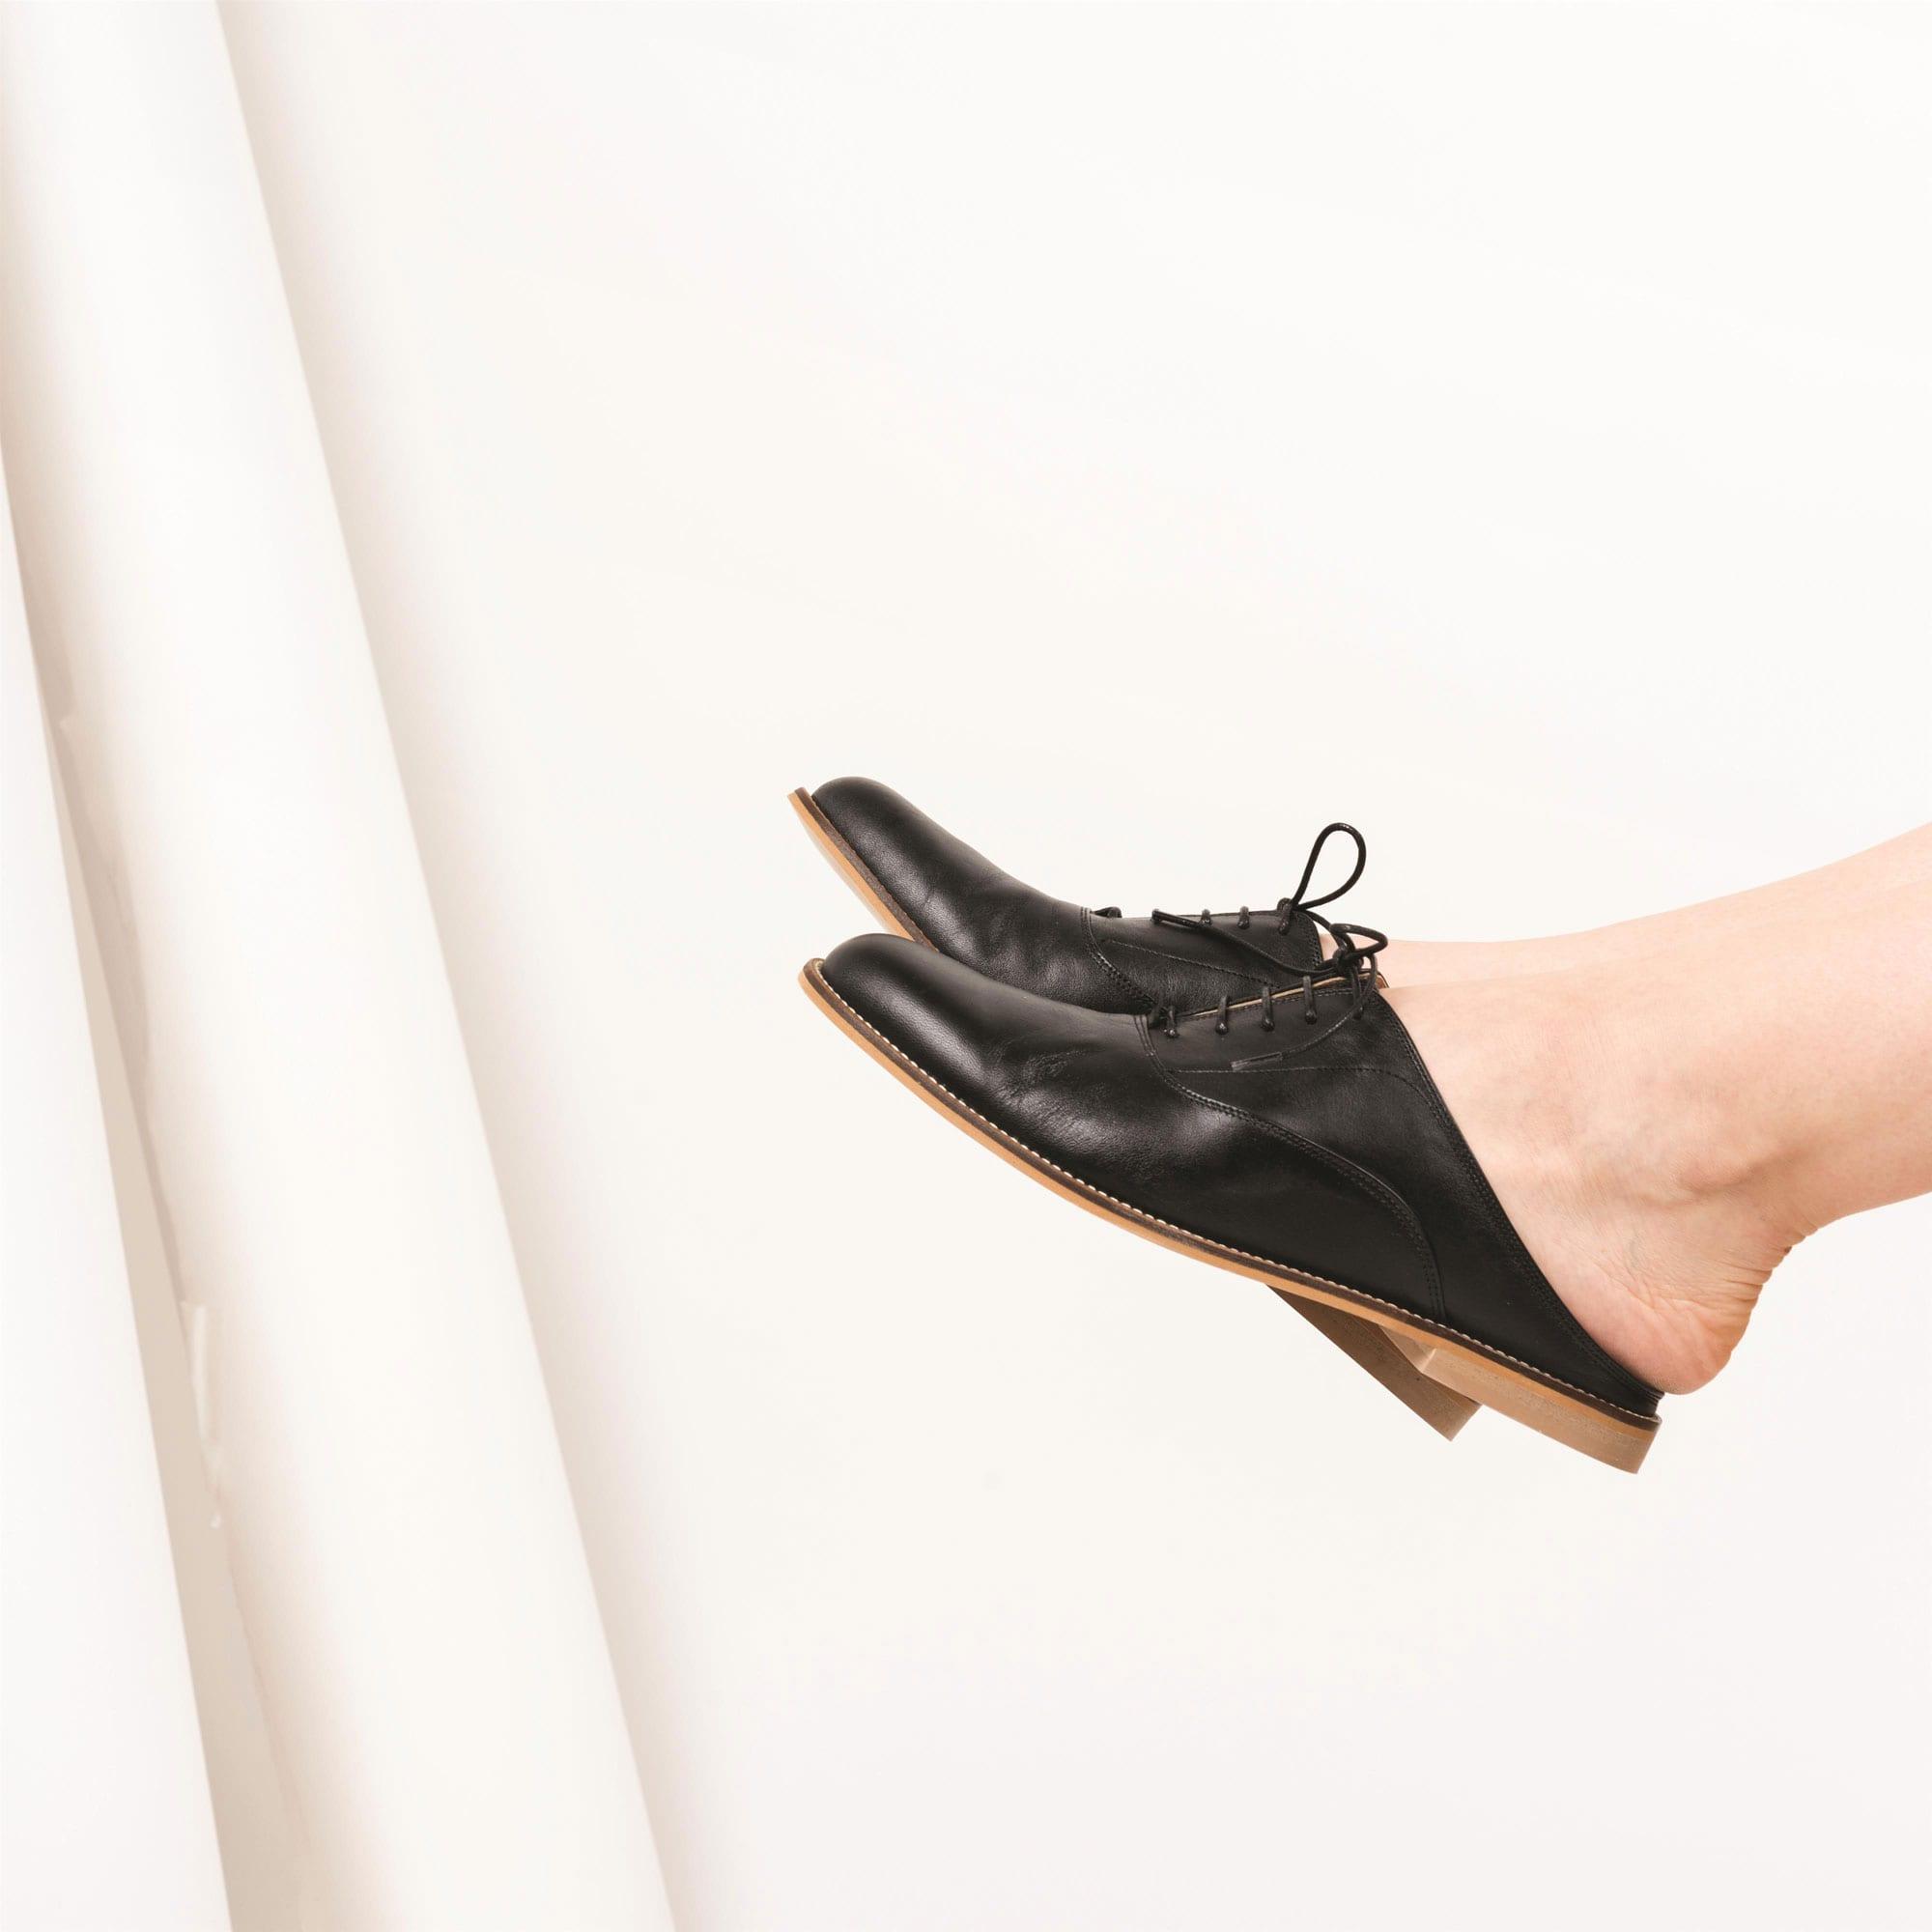 ביכורים לשבועות: הרברט - כפכפי אוקספורד יוניסקס של המעצבת מורן צור. צילום: איה וינד